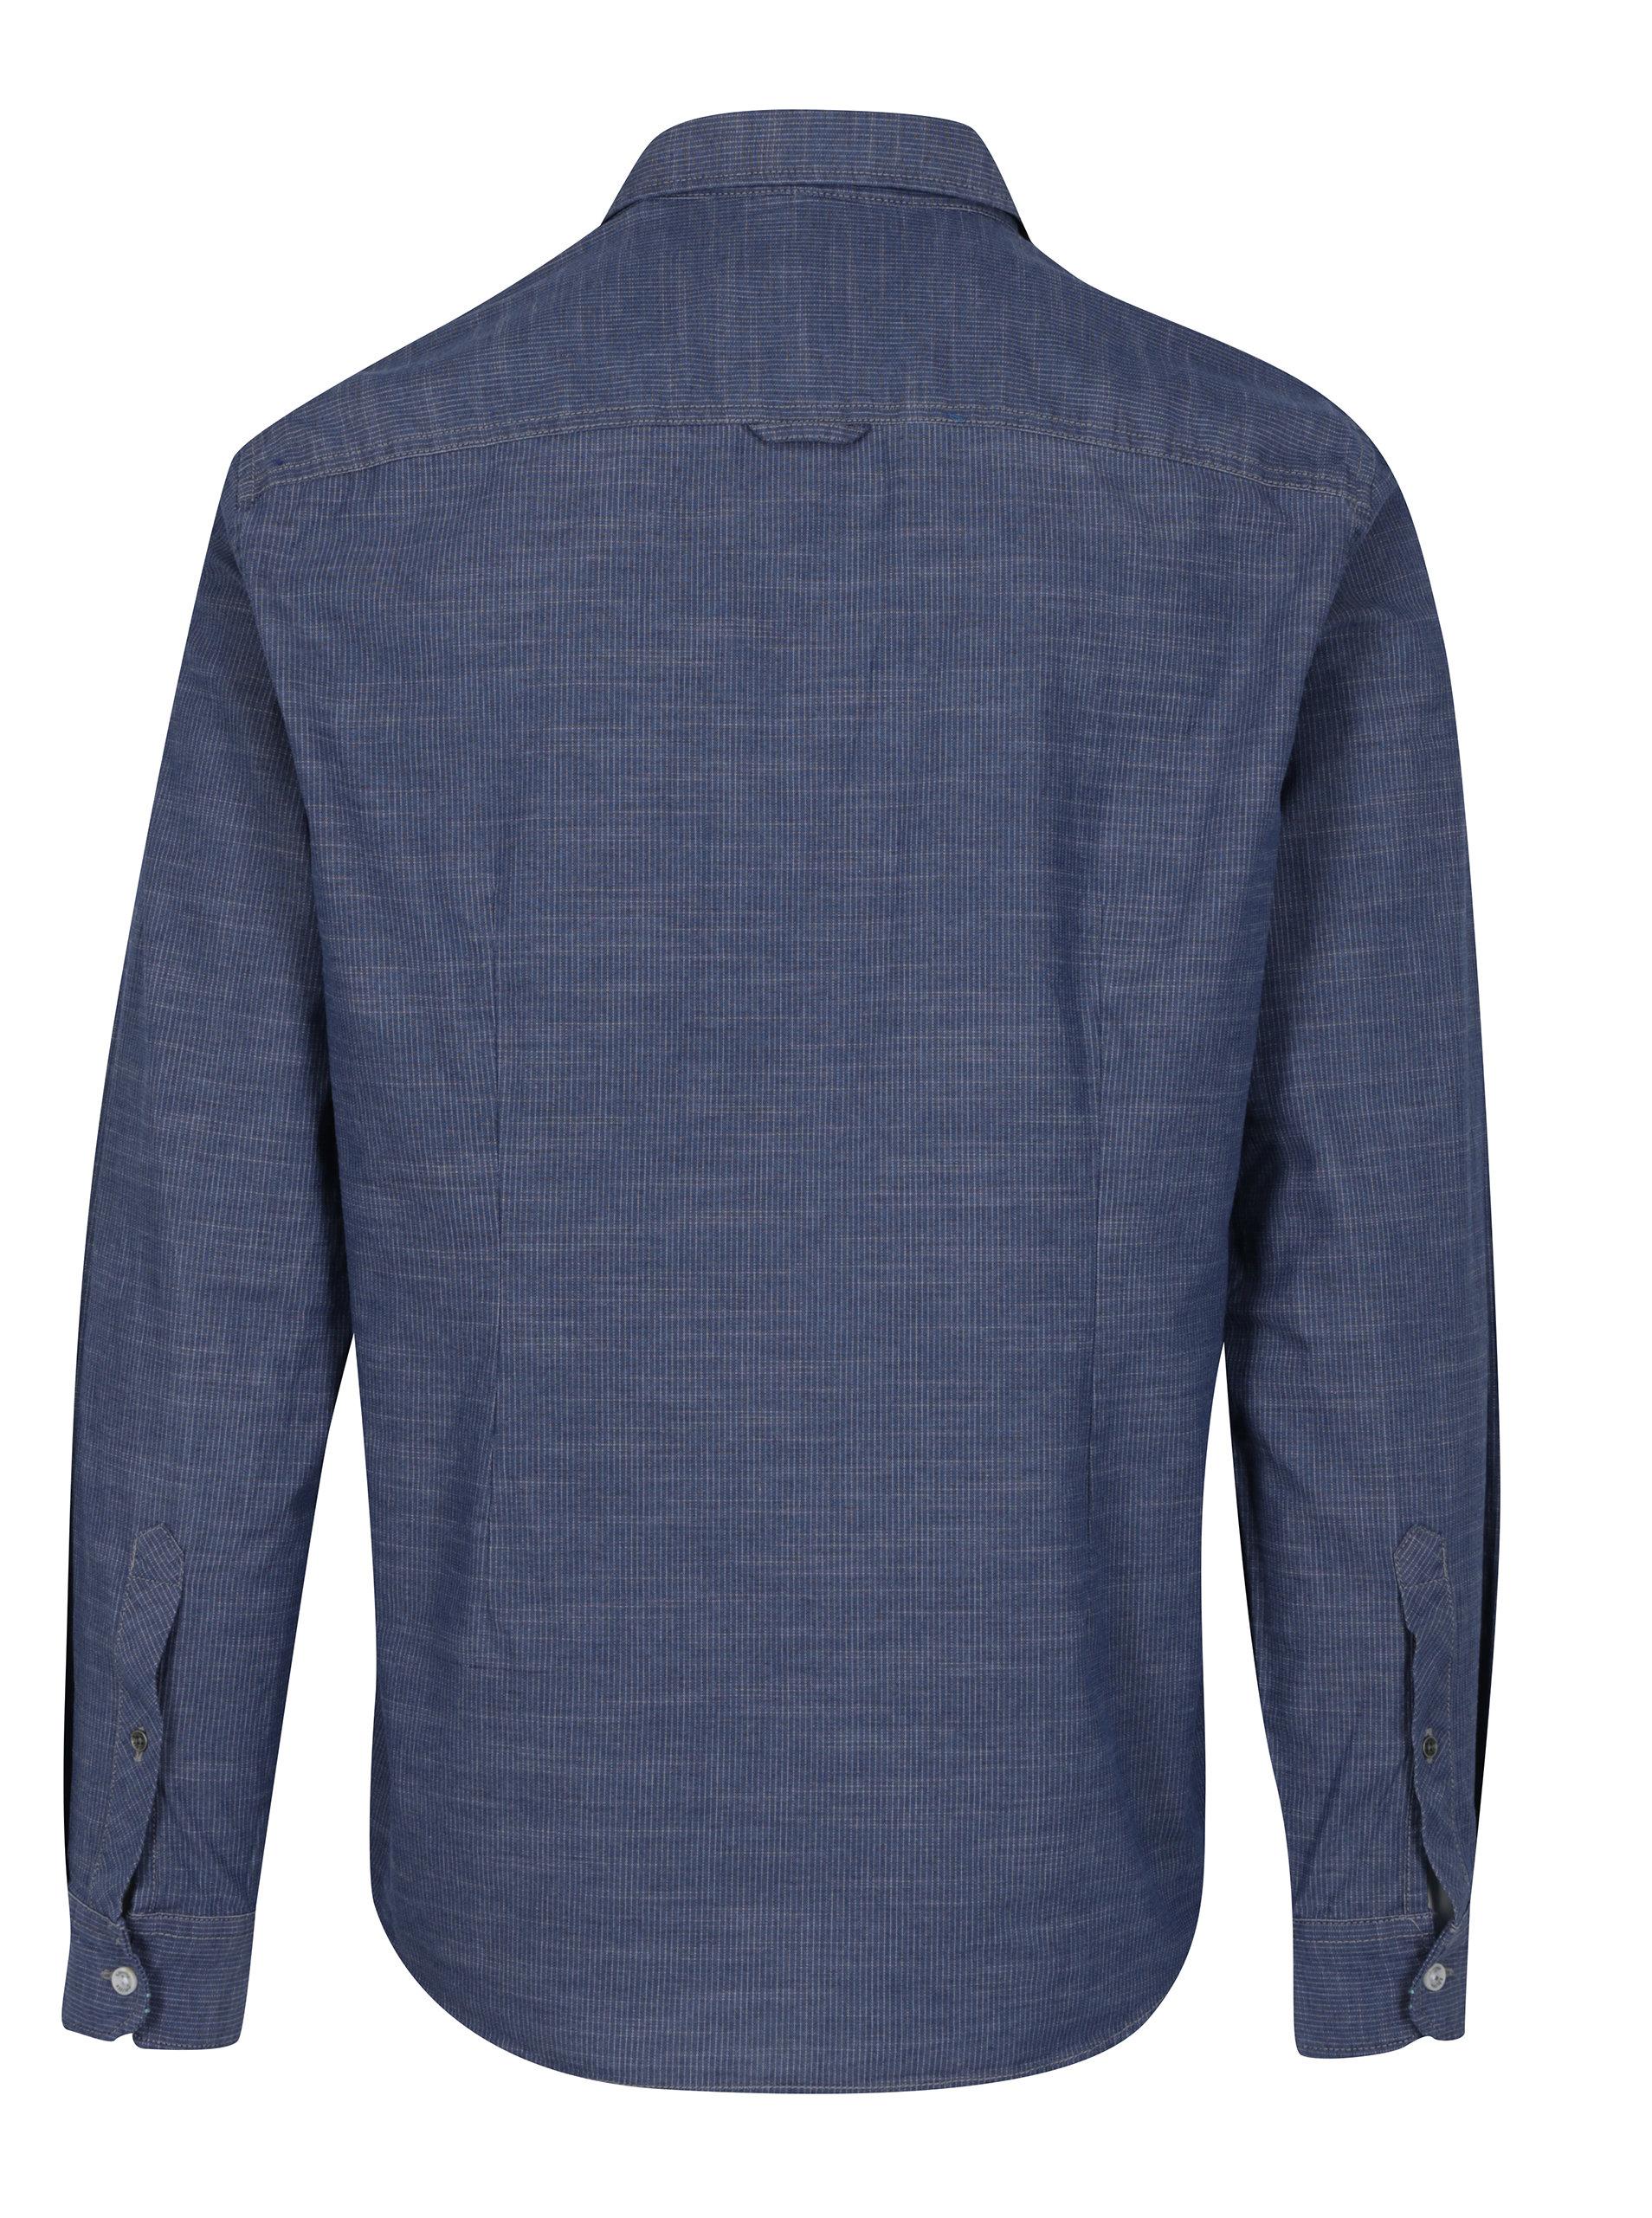 Modrá pánská slim fit košile s jemným vzorem s.Oliver  fa1ec41470